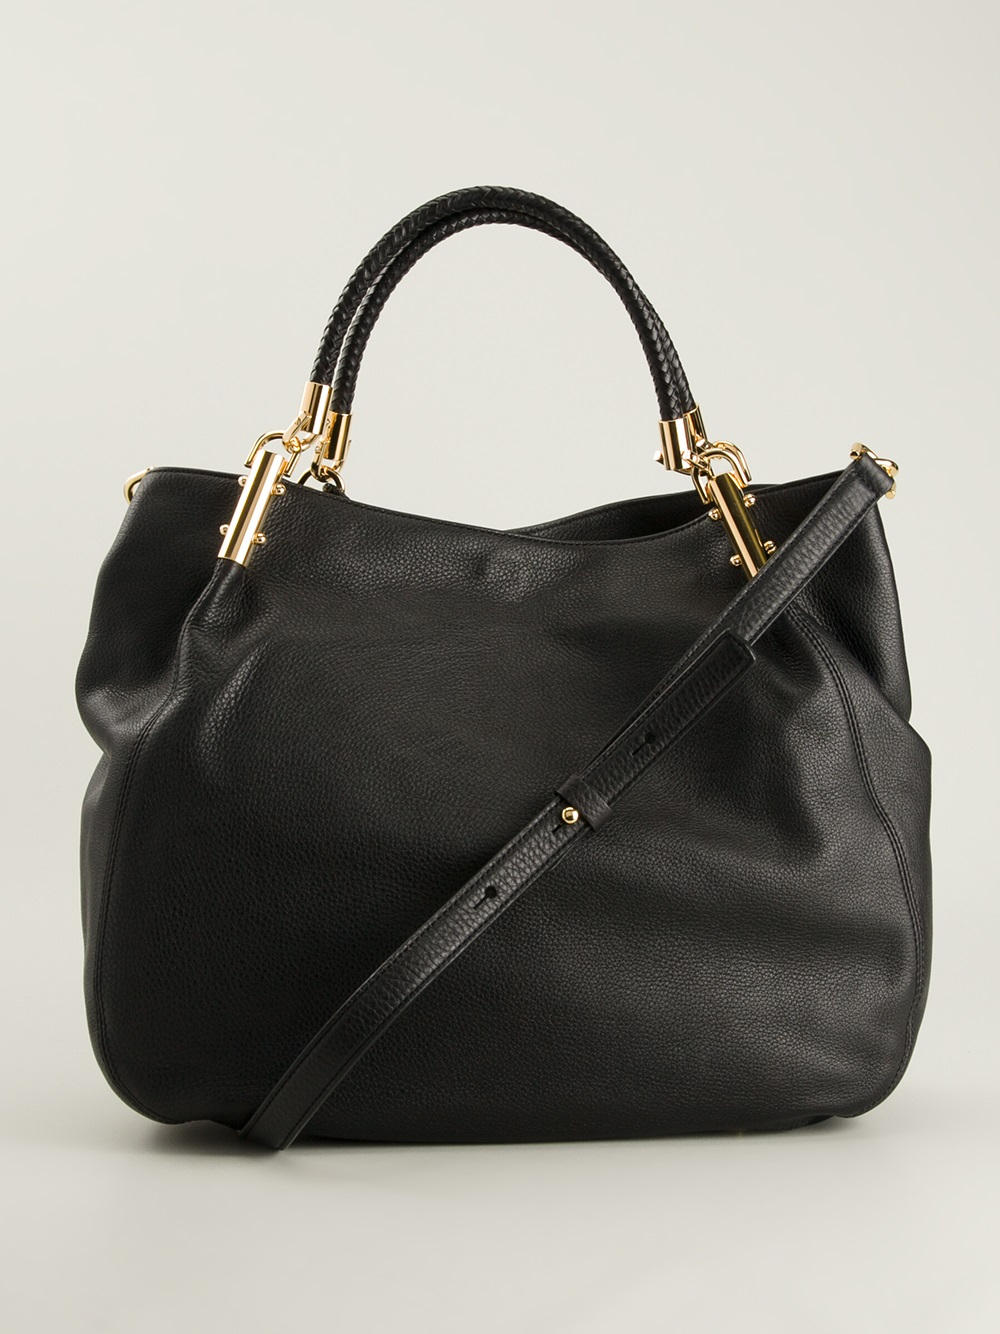 dbd1491e496b Michael Kors Skorpios Large Shoulder Bag Black Leather   Stanford ...